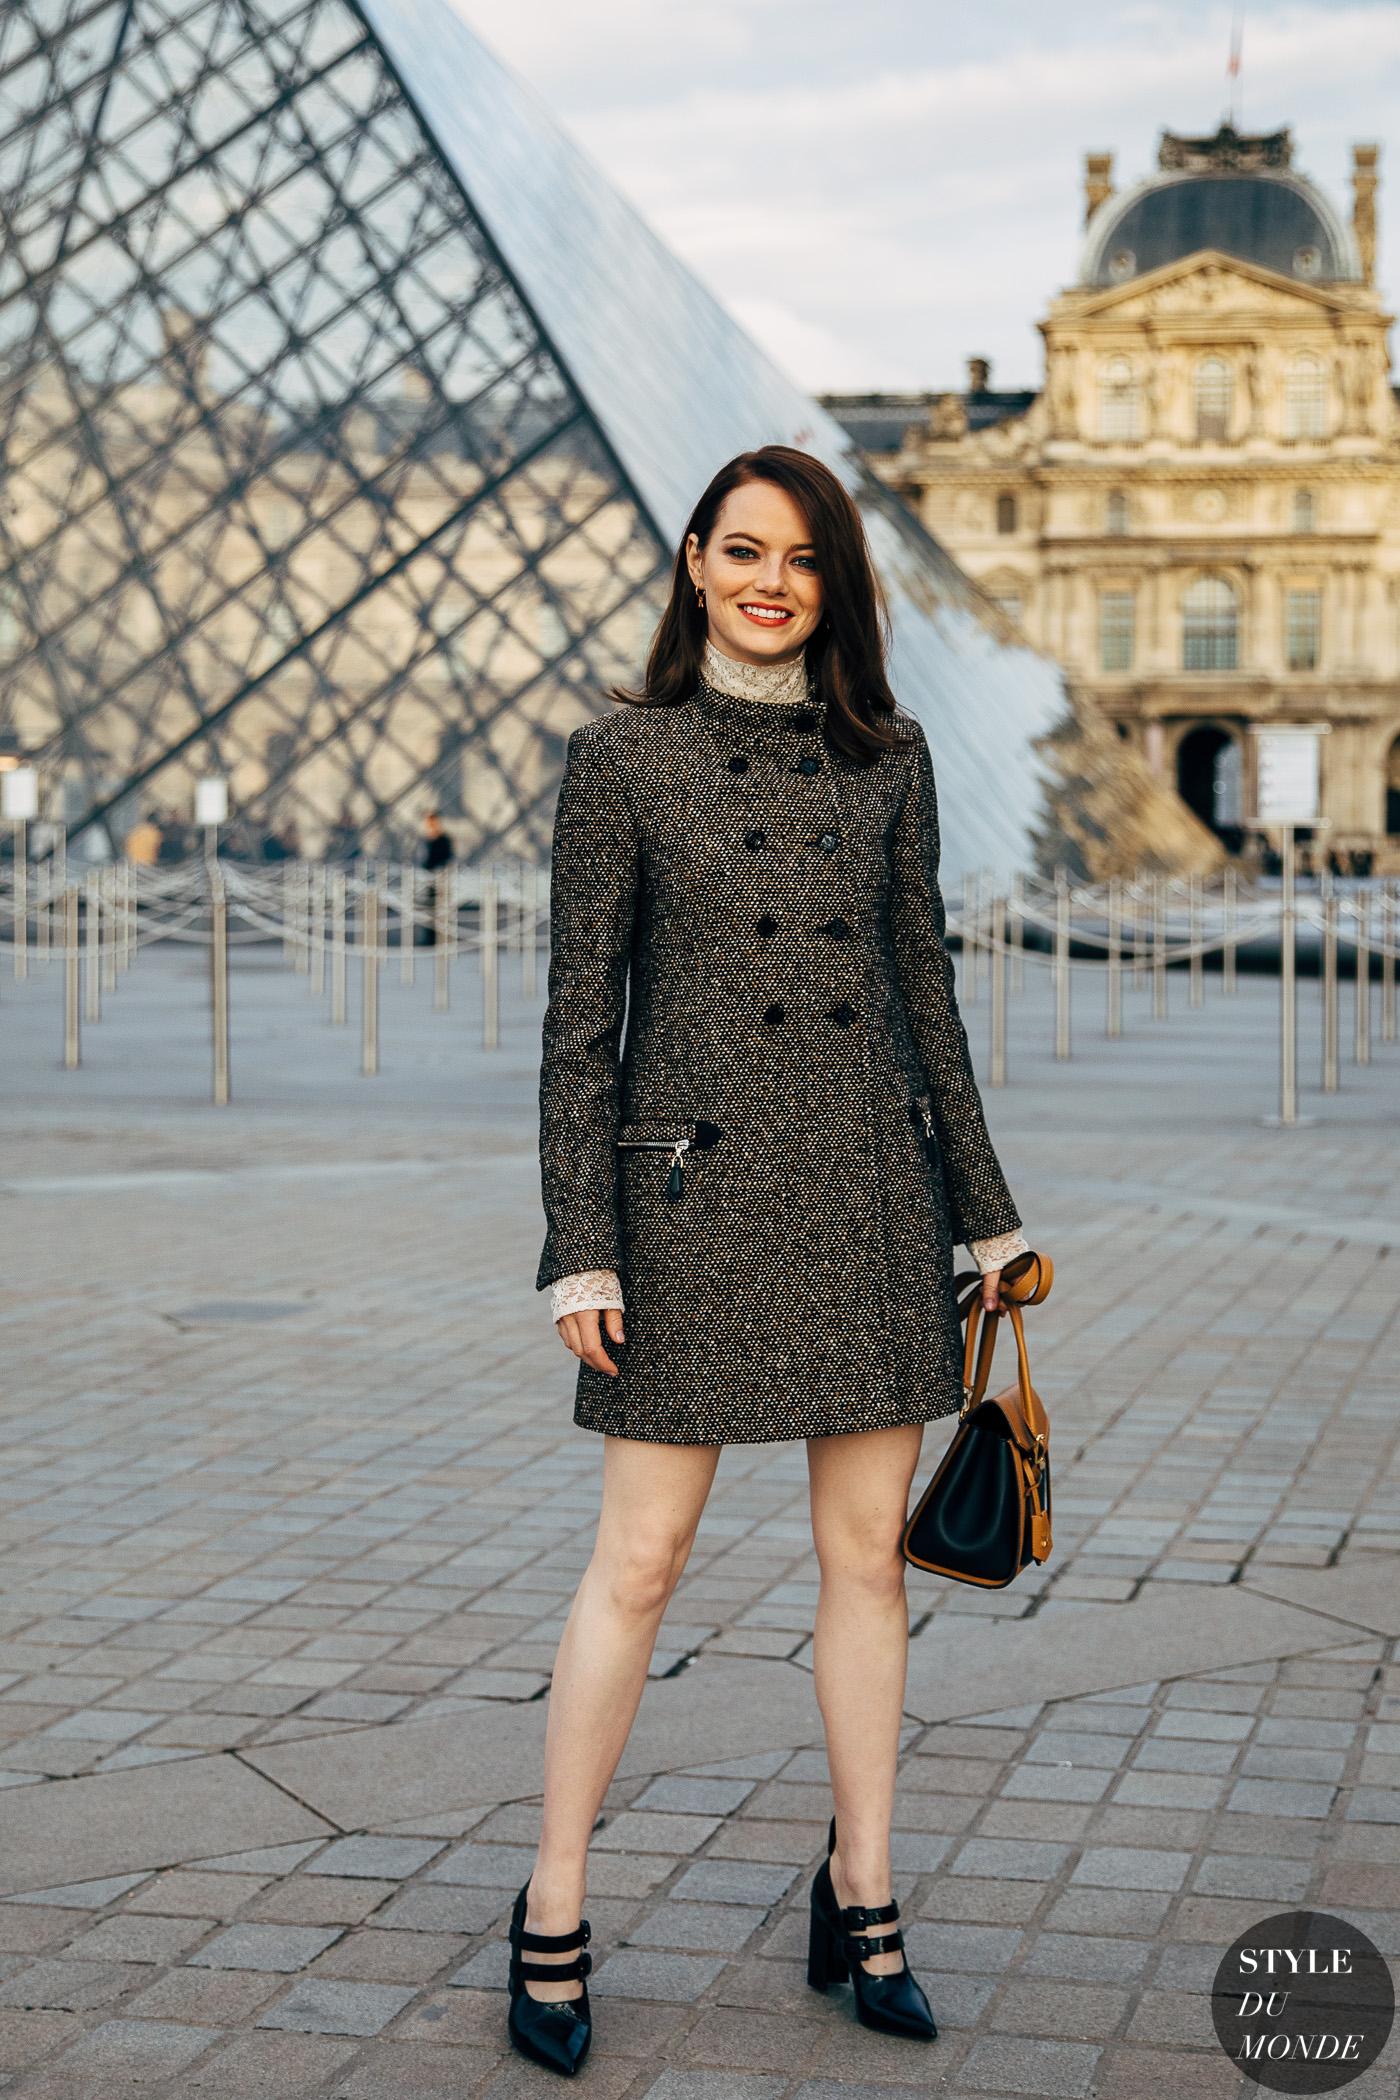 thời trang cung hoàng đạo - emma stone diện giày mary jane cao gót và áo khoác dài - style du monde